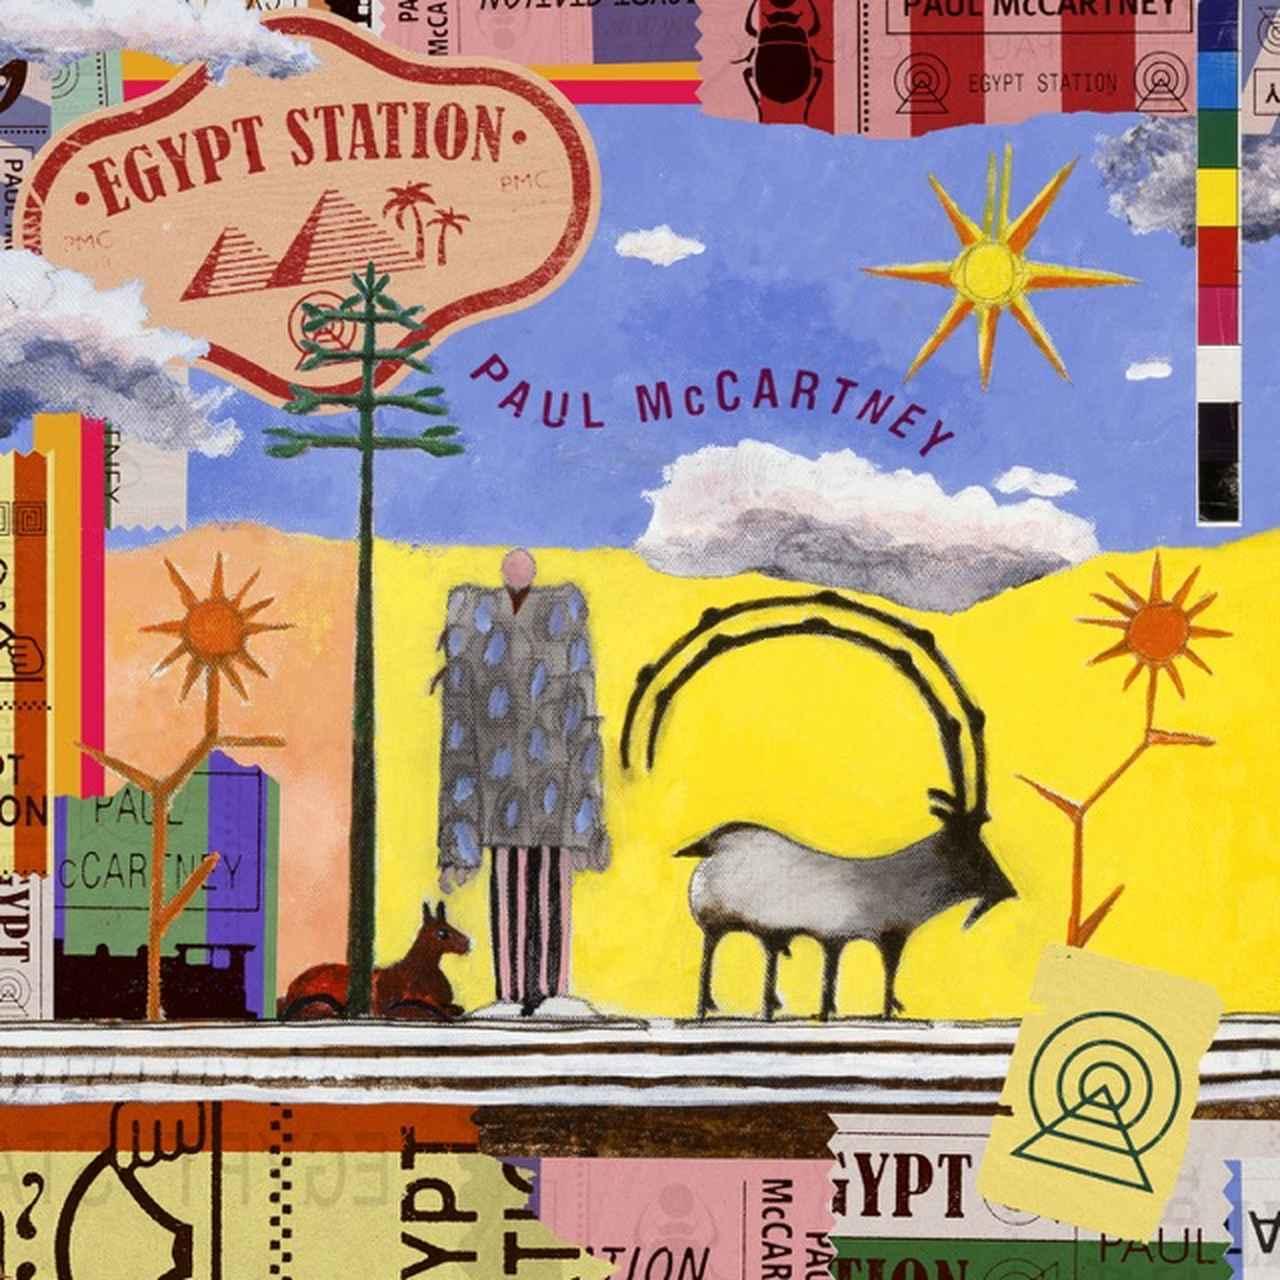 画像: Egypt Station / Paul McCartney